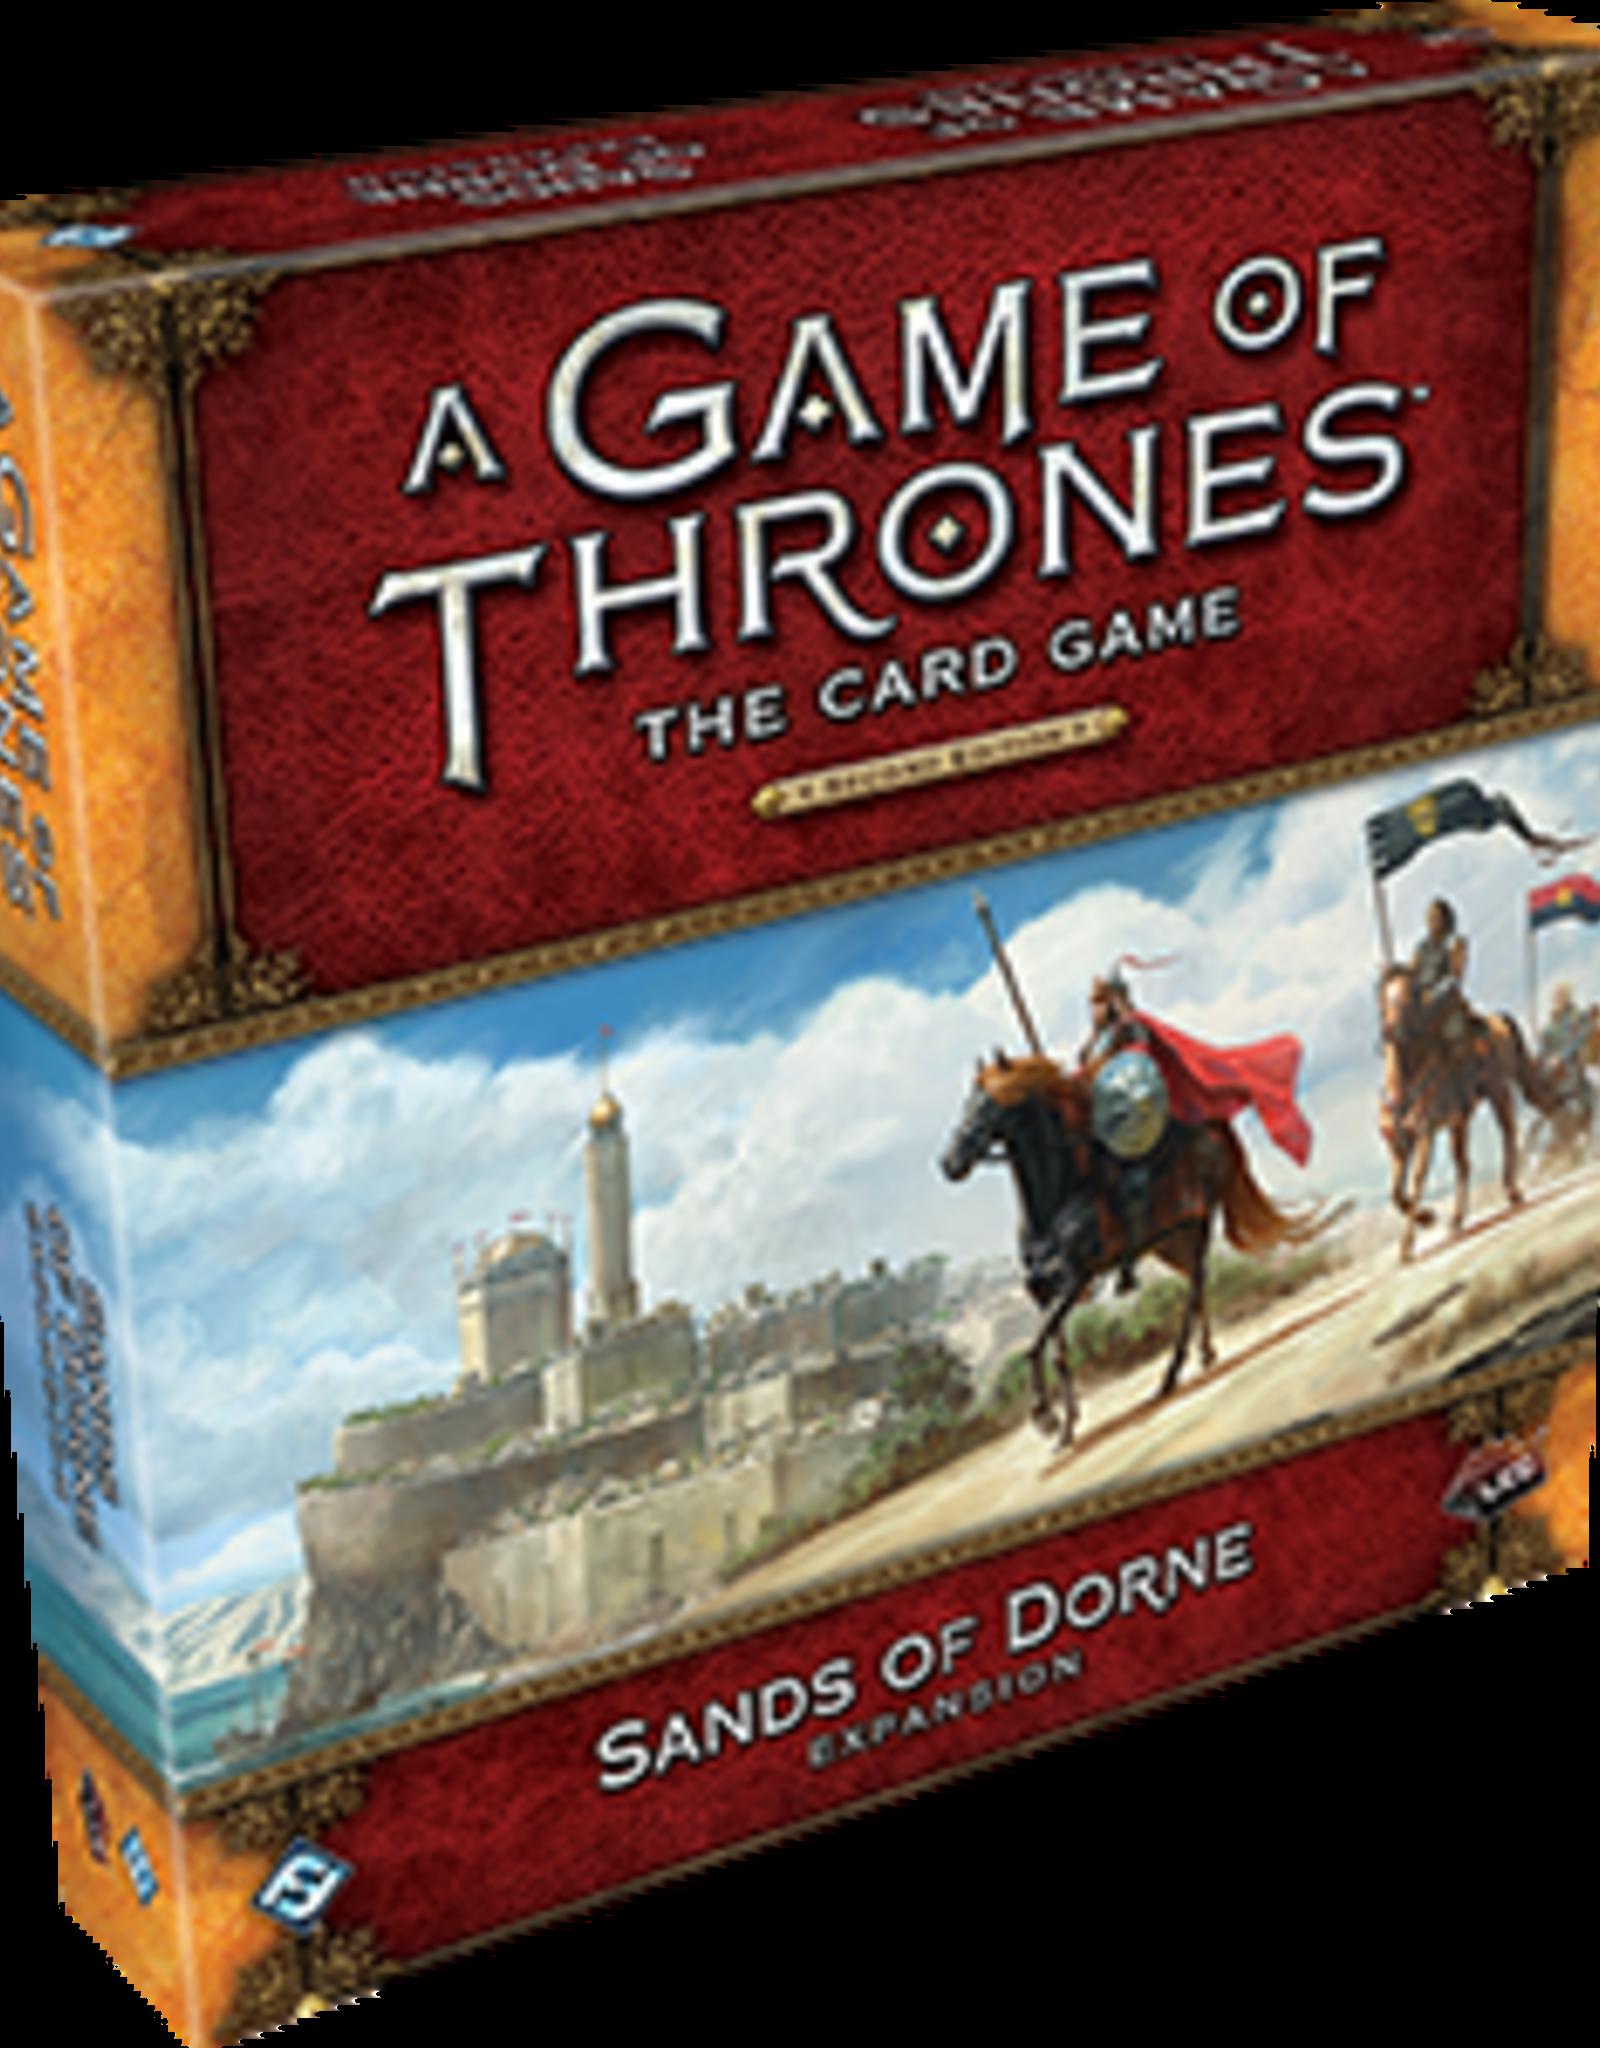 Fantasy Flight Games AGOT LCG 2nd Ed: The Sands of Dorne Delu